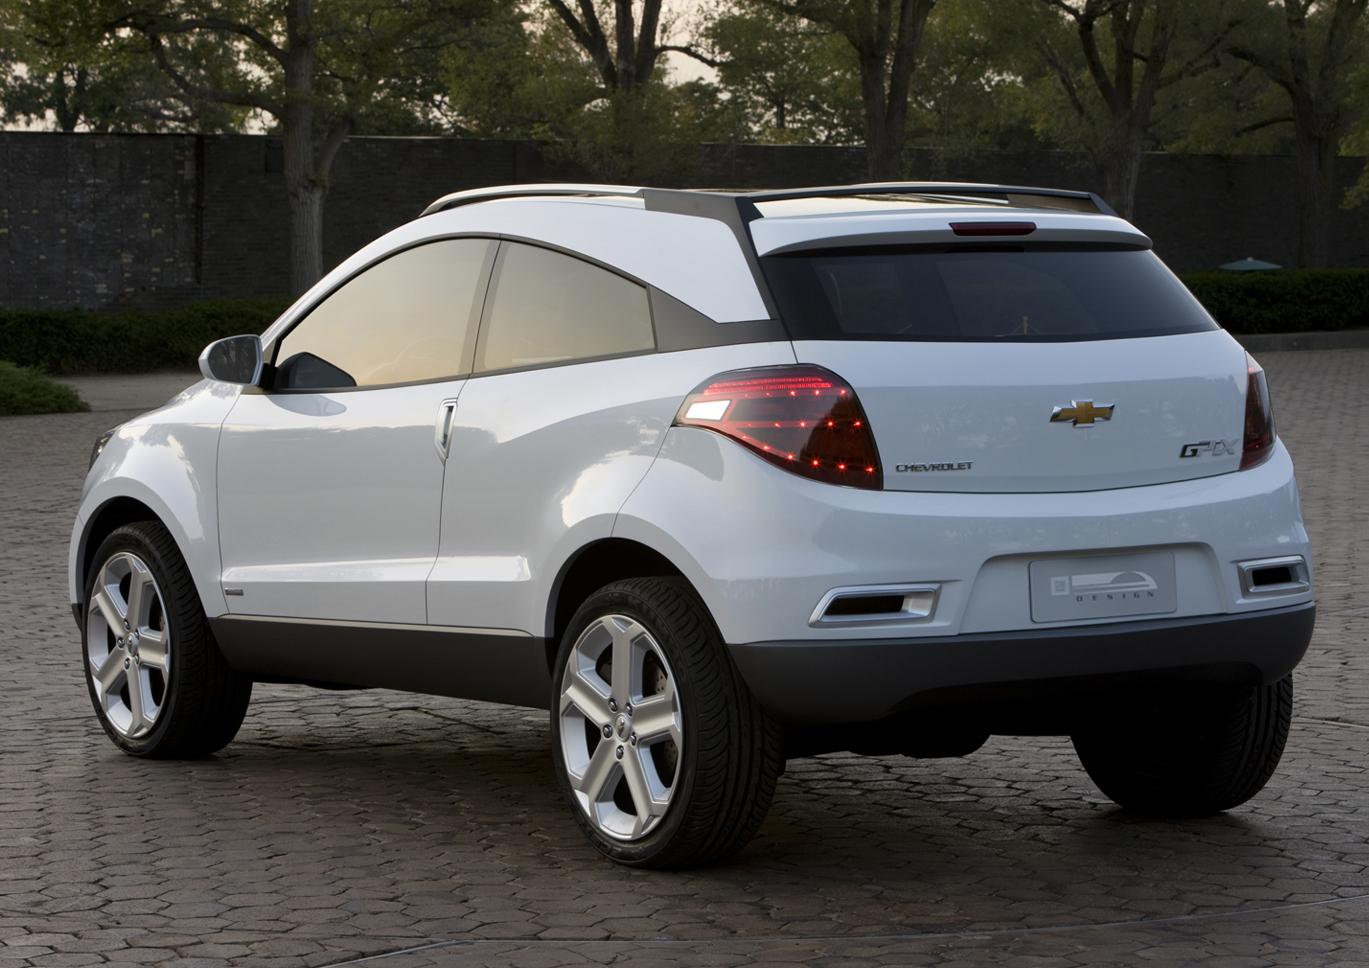 Chevrolet GPix 2